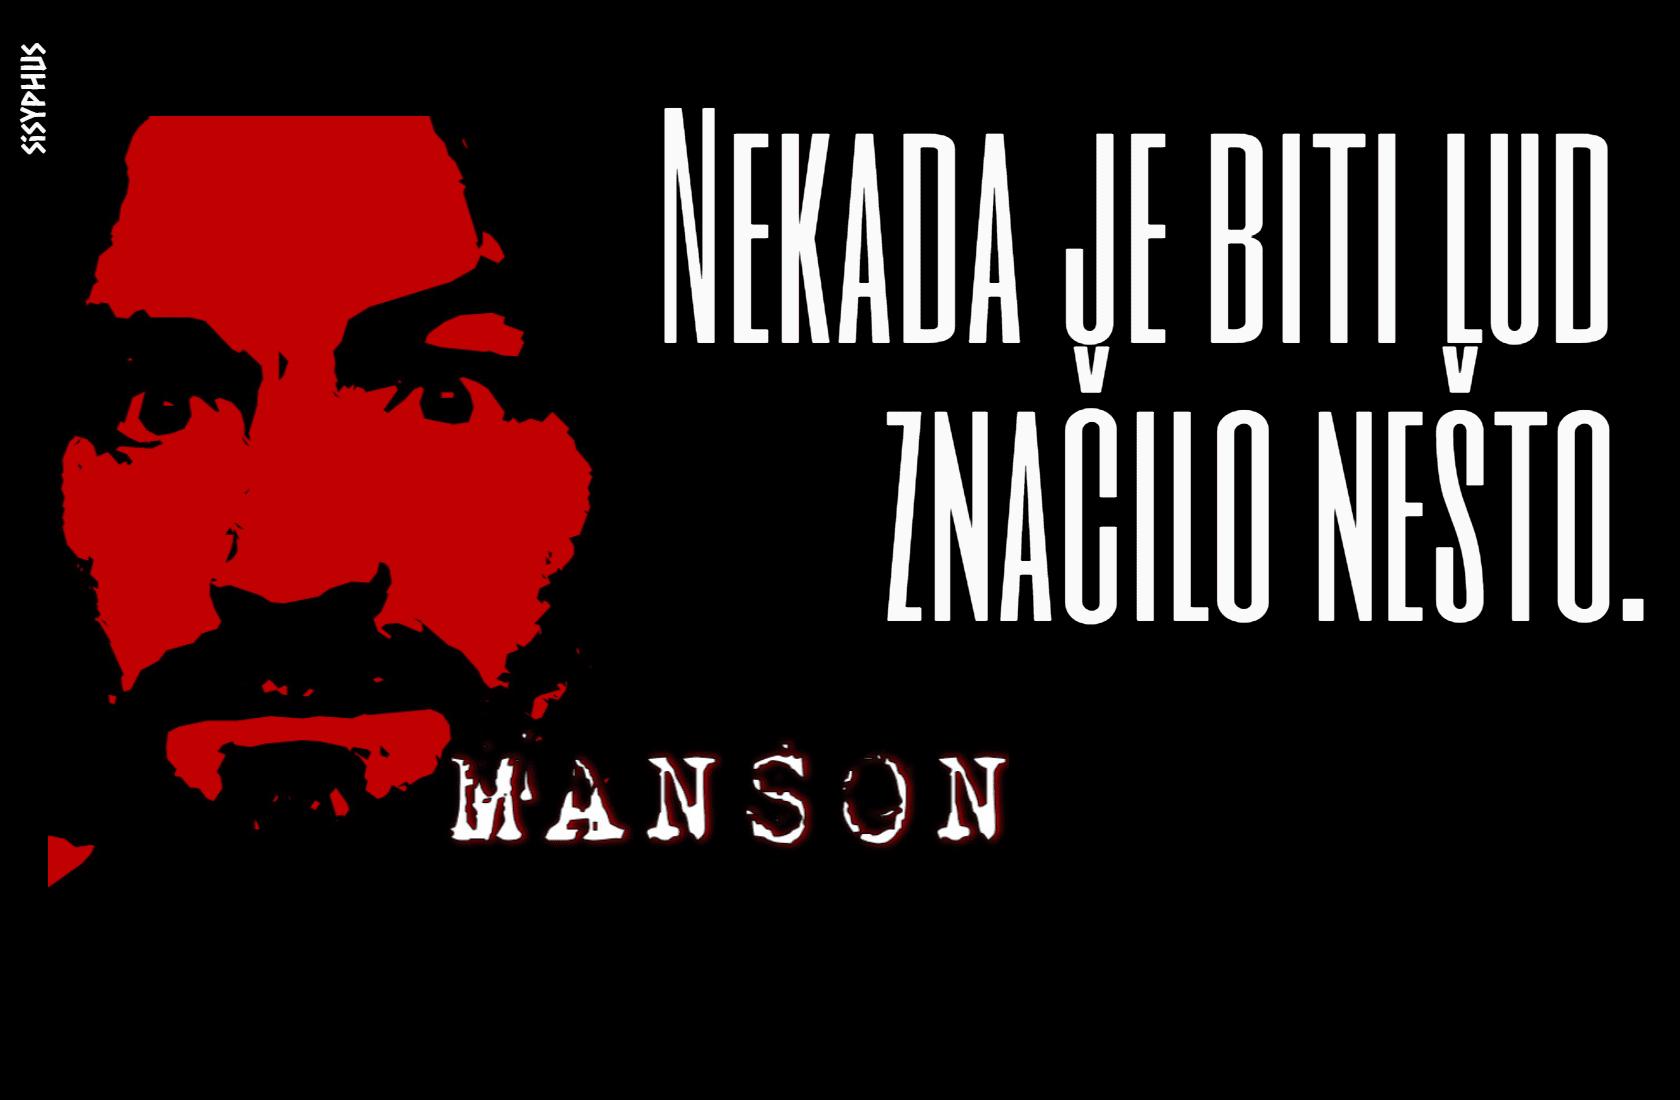 Black,                Red,                 Free Image